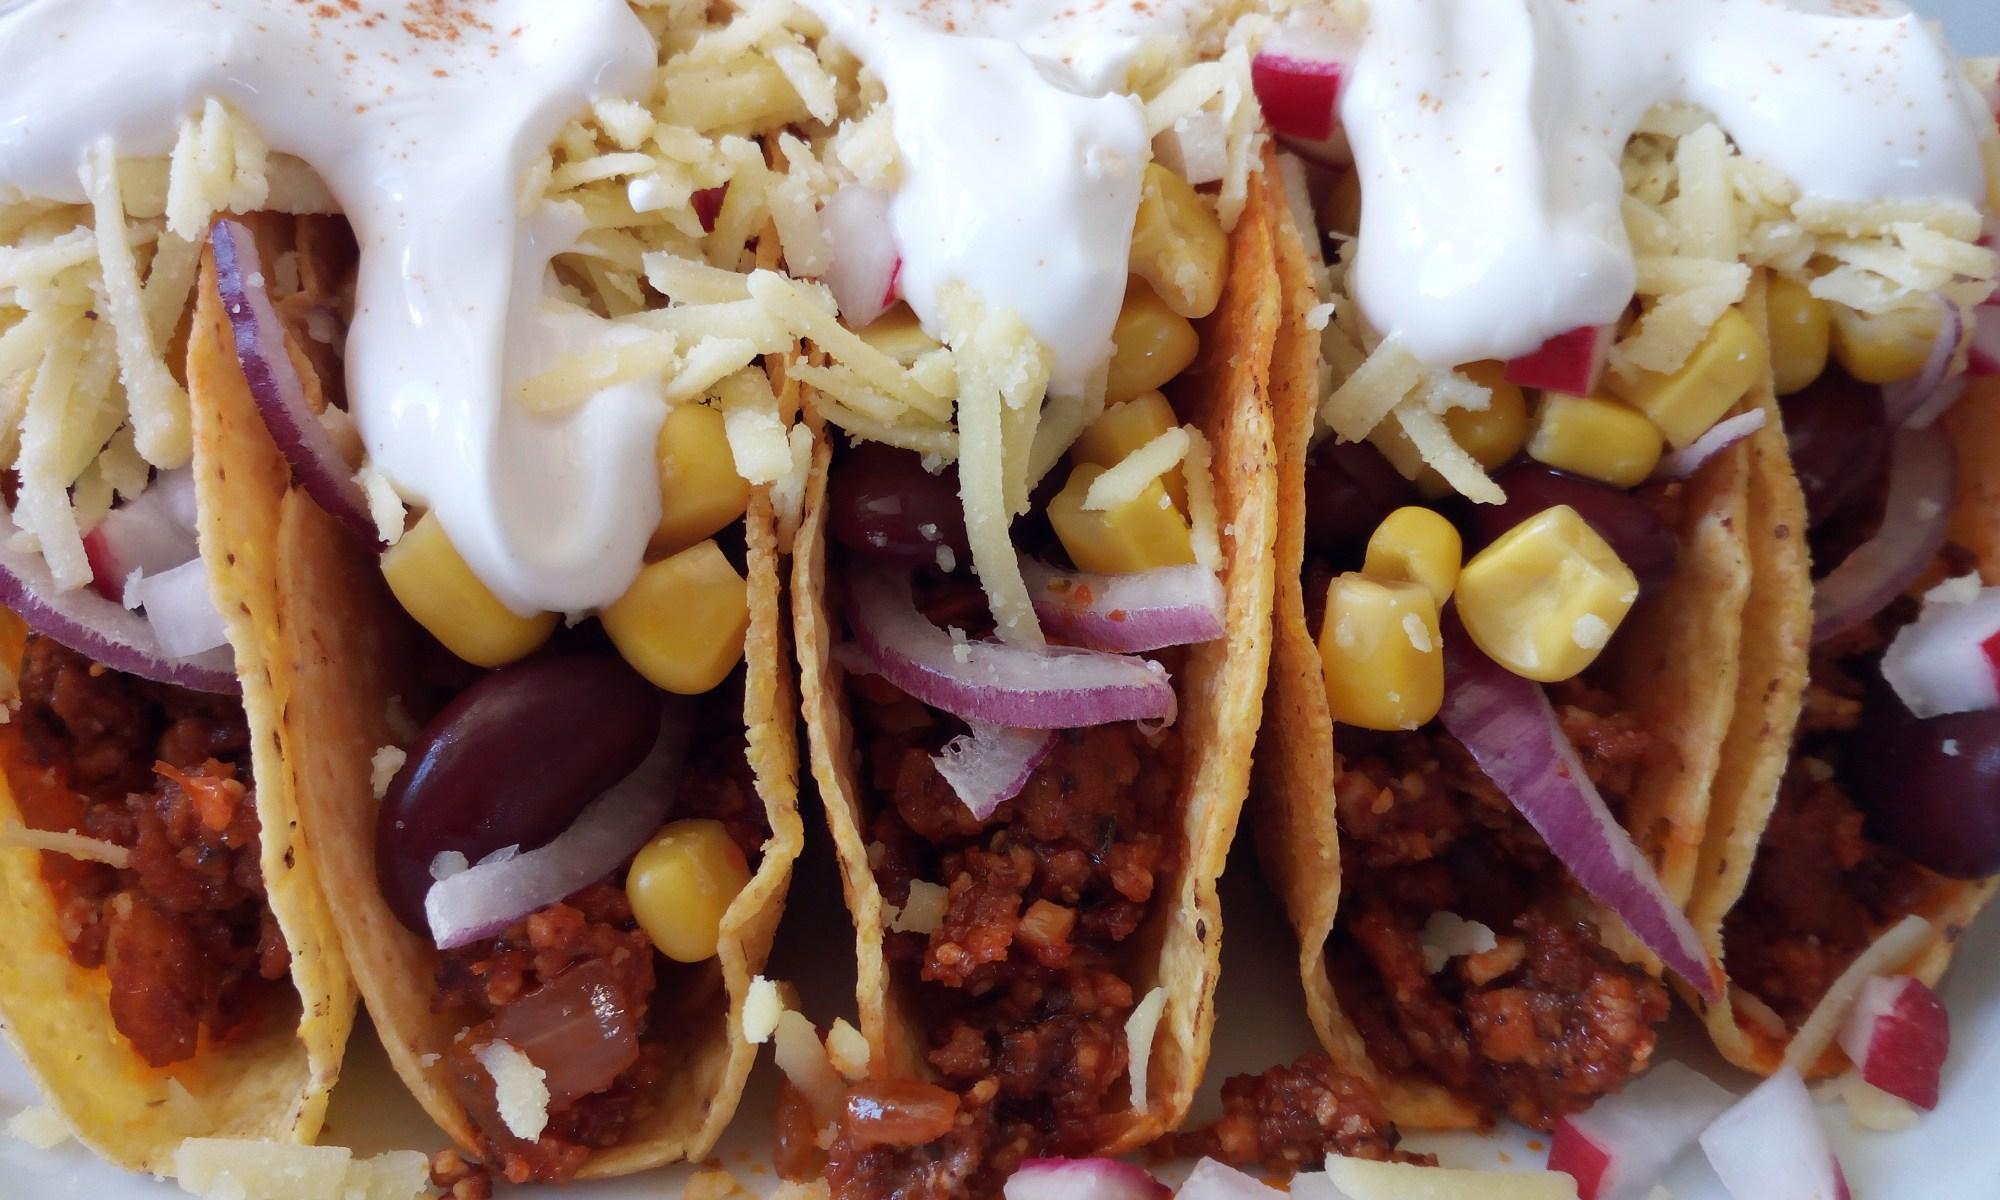 Chili Shells - fünf gefüllte Tacco Shells mit Chili, Kidneybohnen, Mais, roten Zwiebeln, veganem Käse und als Topping Crme Vega